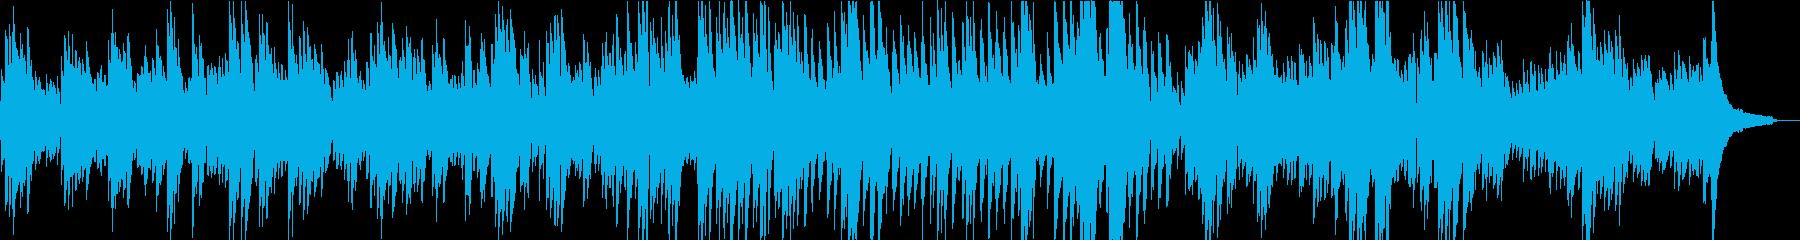 初夏のセンチメンタルなピアノインスト曲の再生済みの波形